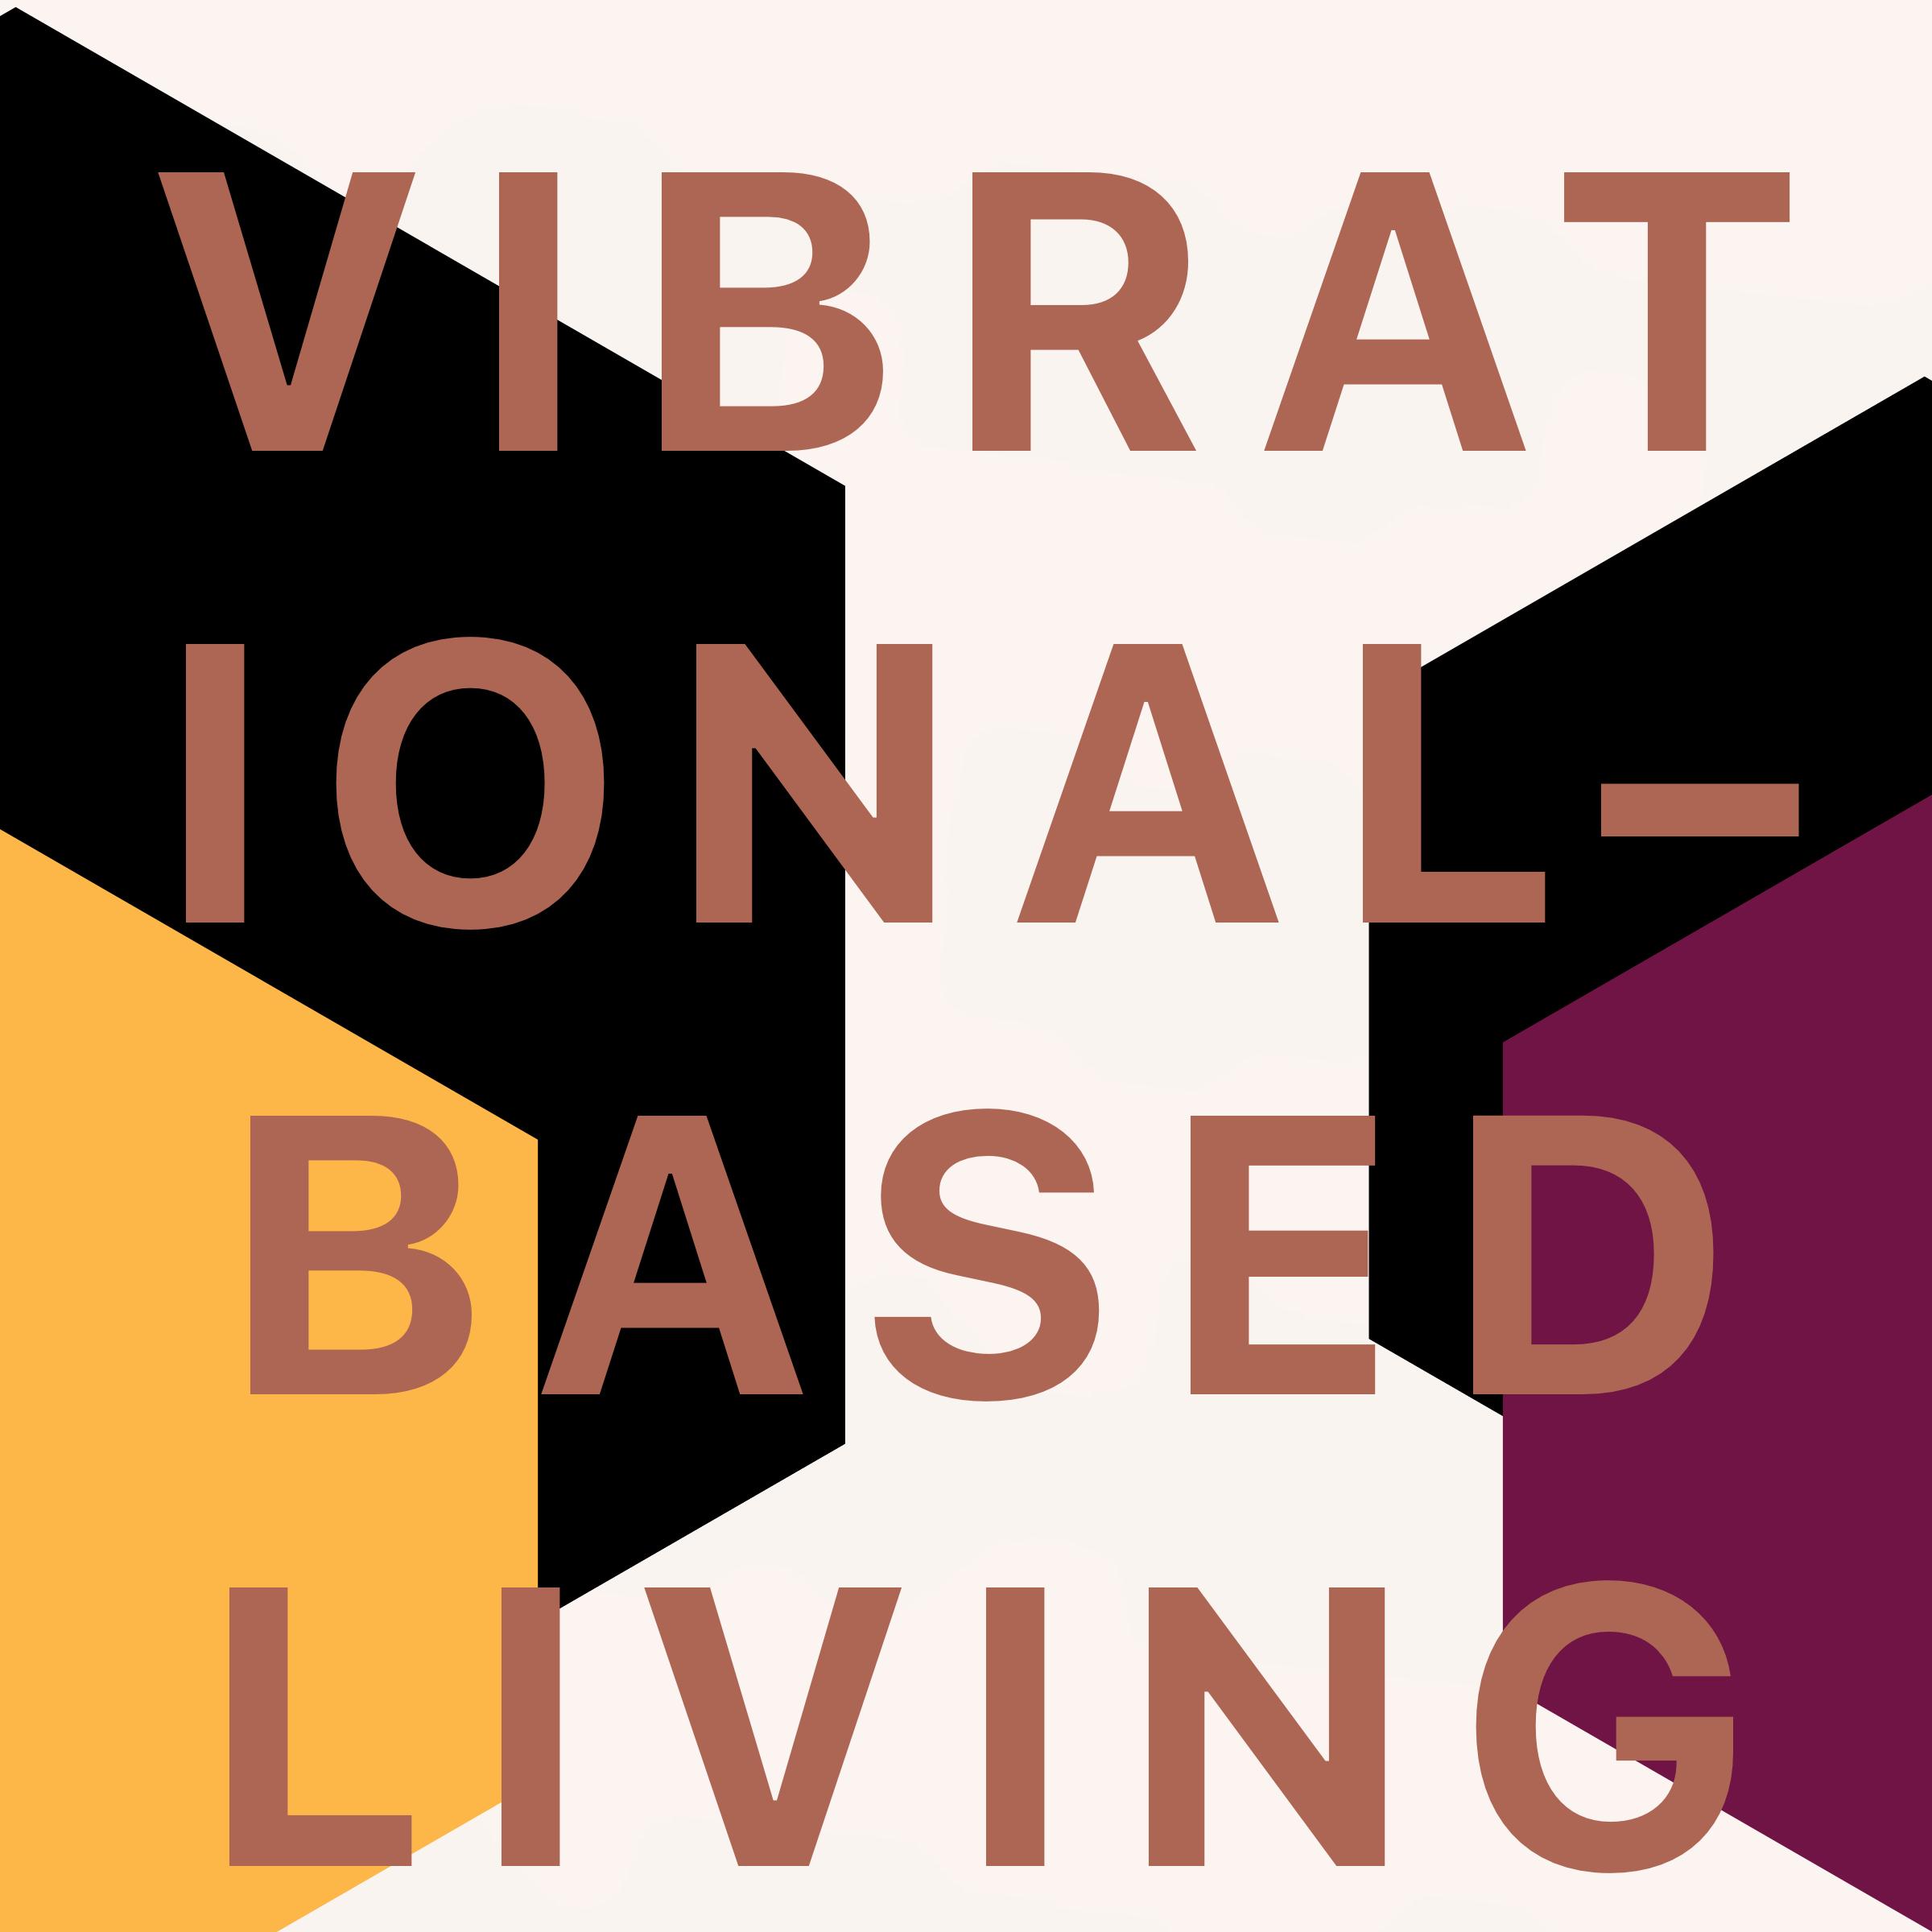 Fig. 1 | Vibrational-Based Living